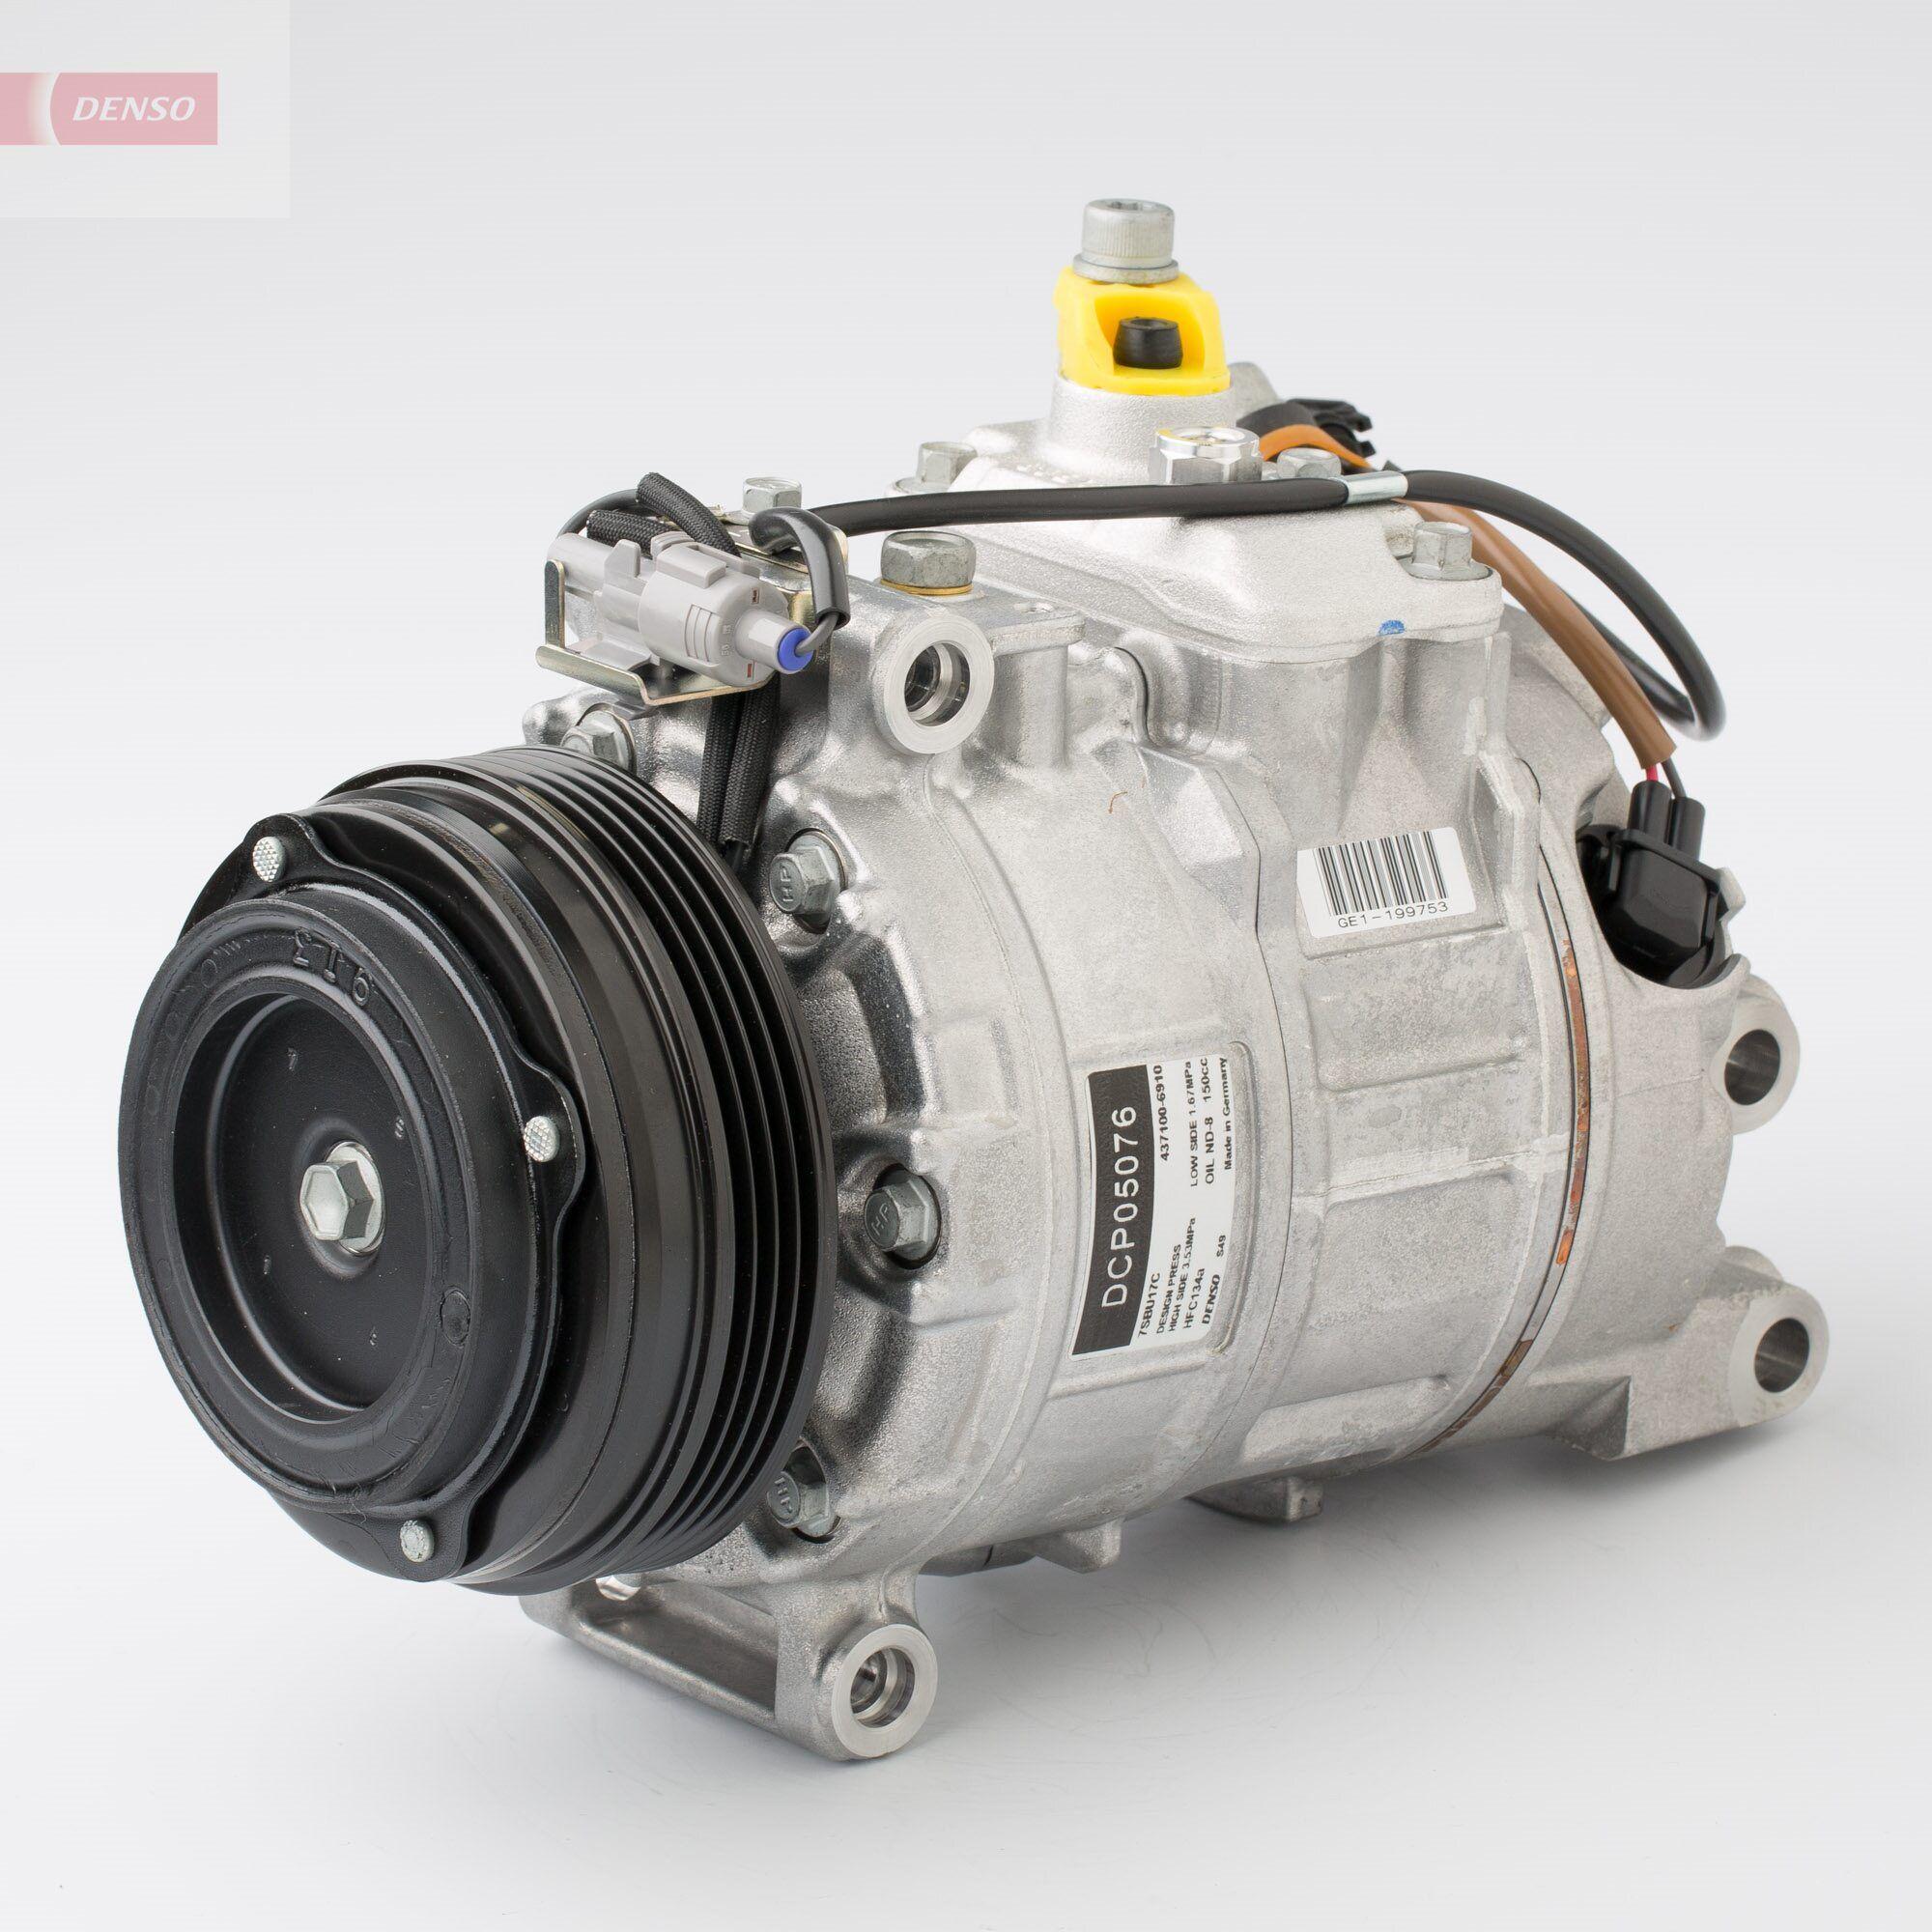 køb Aircondition kompressor DCP05076 når som helst